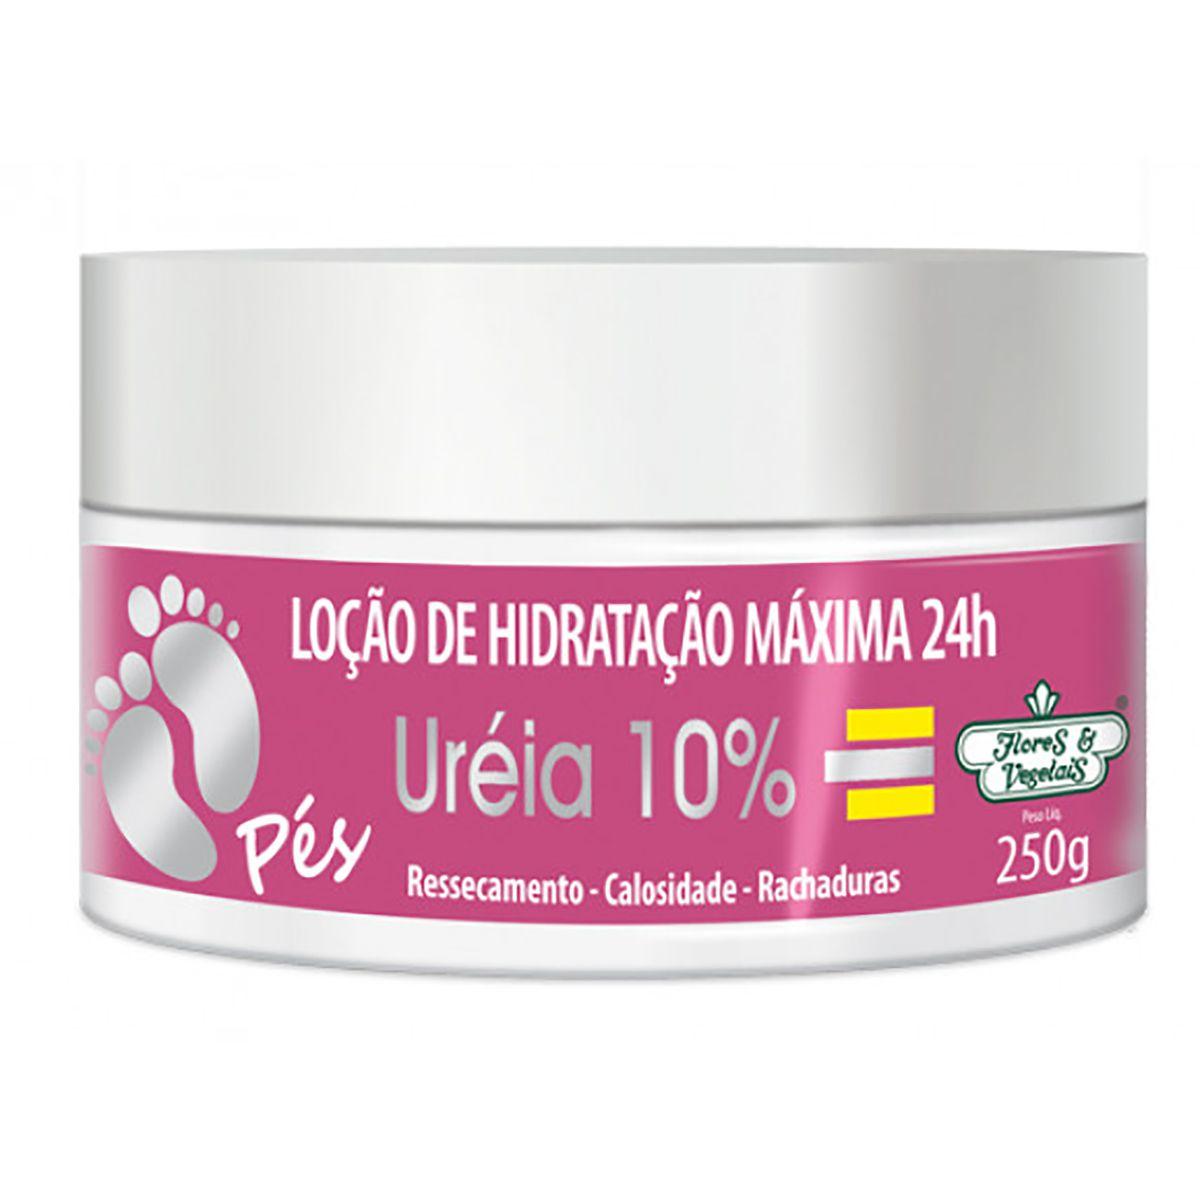 Loção de Hidratação Máxima Uréia 10% PÉS Flores e Vegetais 250g